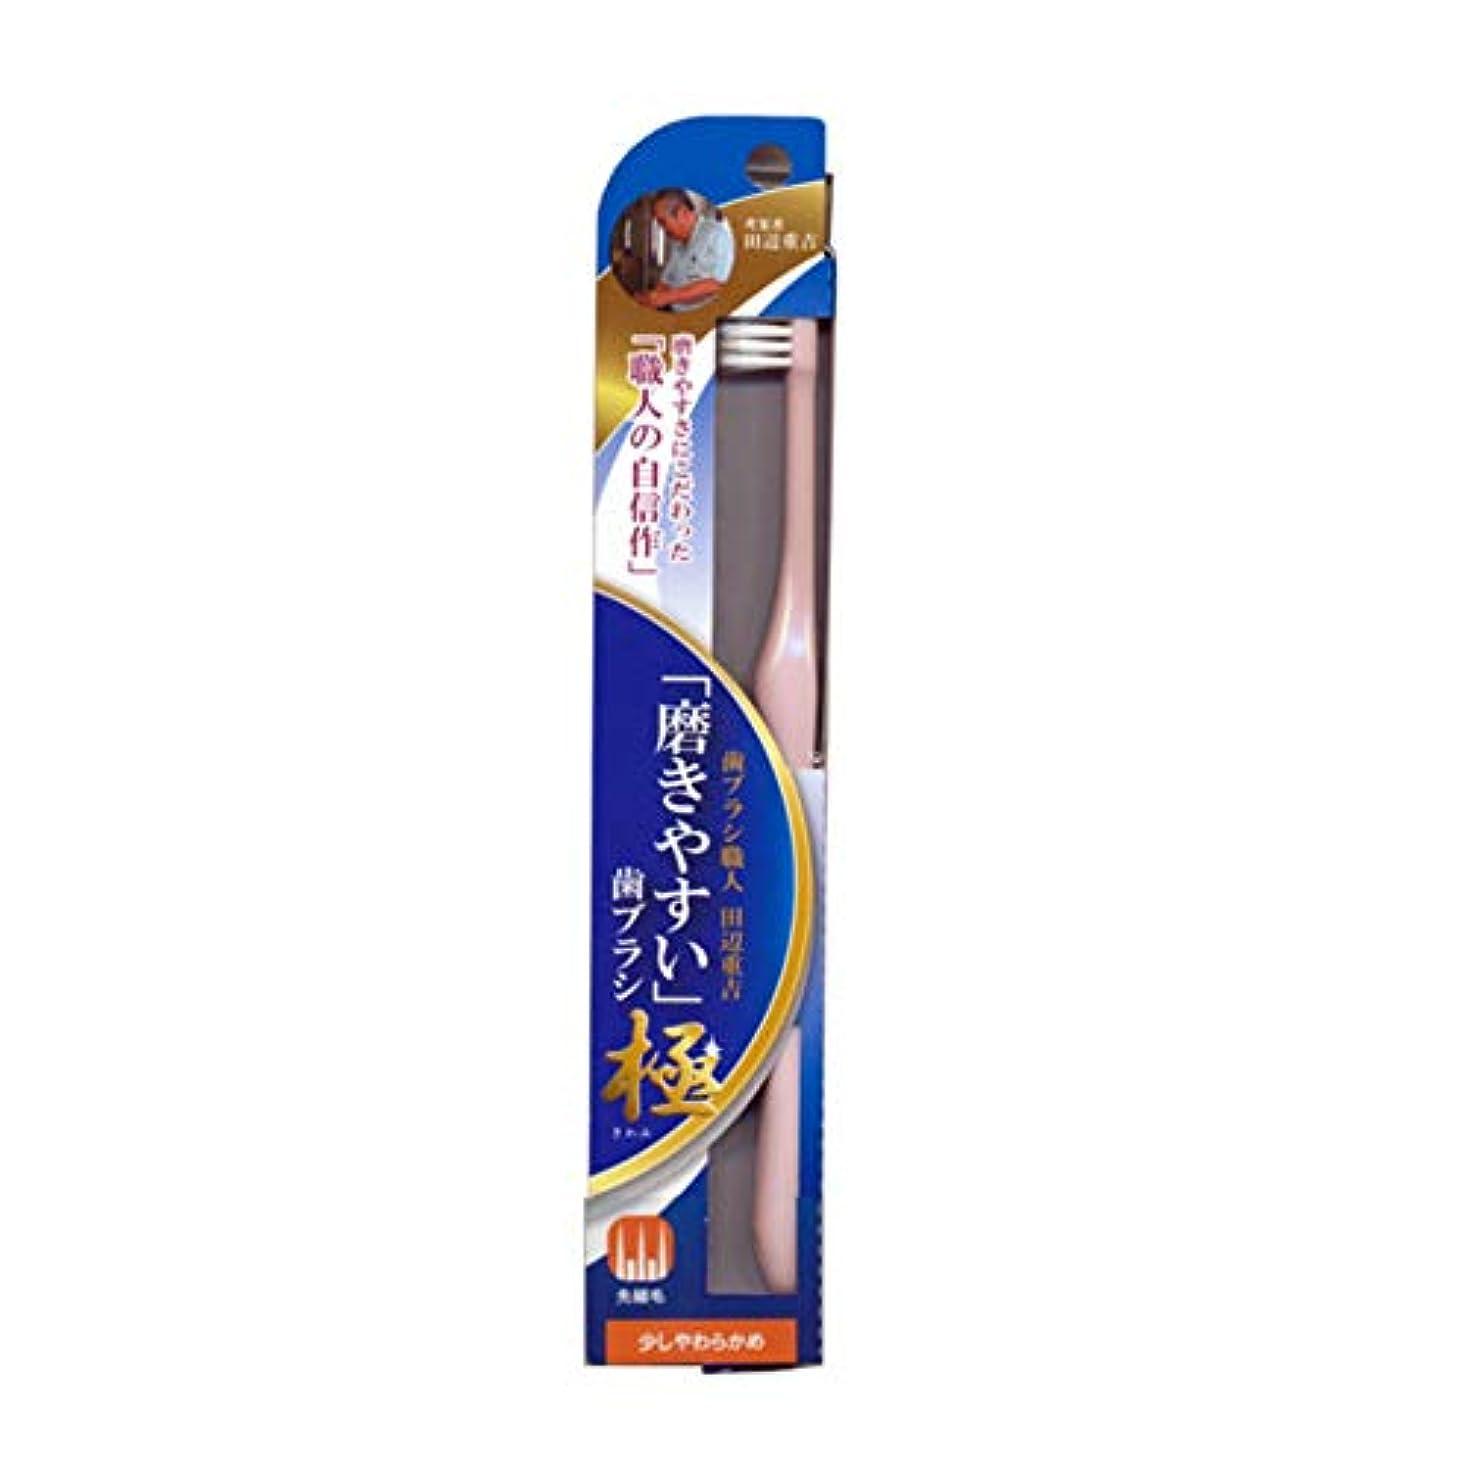 分遅滞韻磨きやすい歯ブラシ極 (少し柔らかめ) LT-43 先細毛(色選択不可)